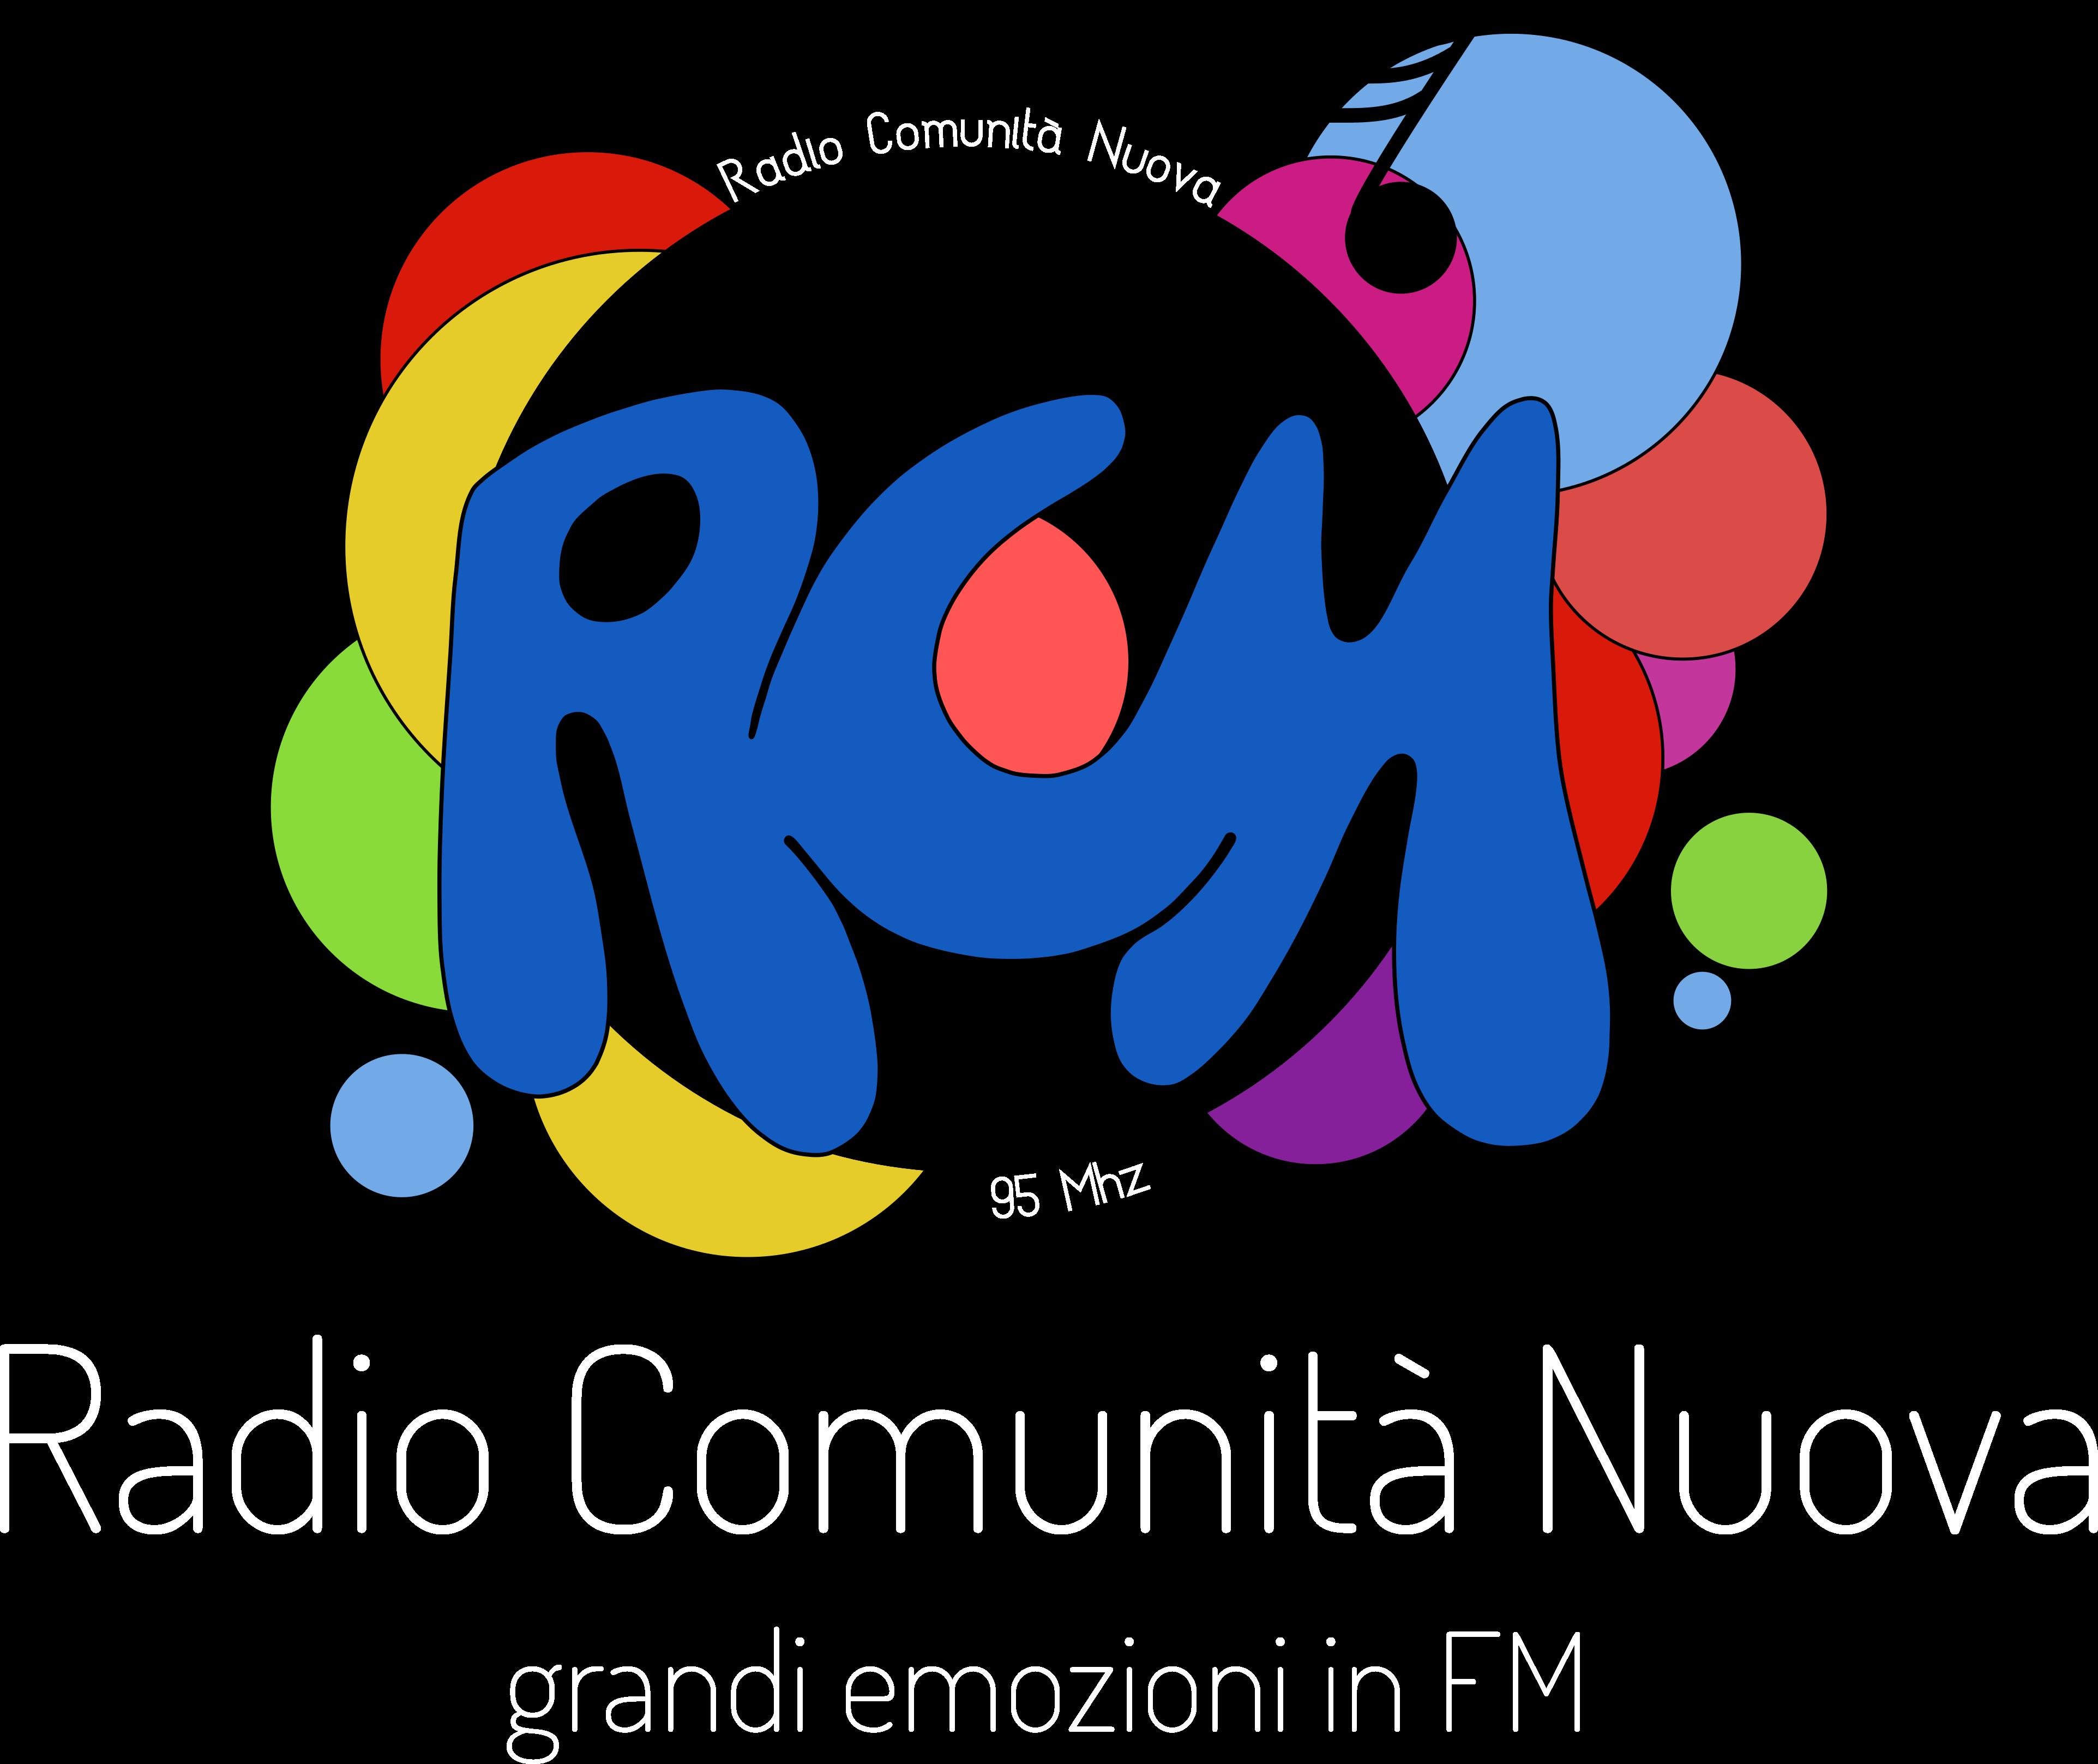 Radio Comunità Nuova